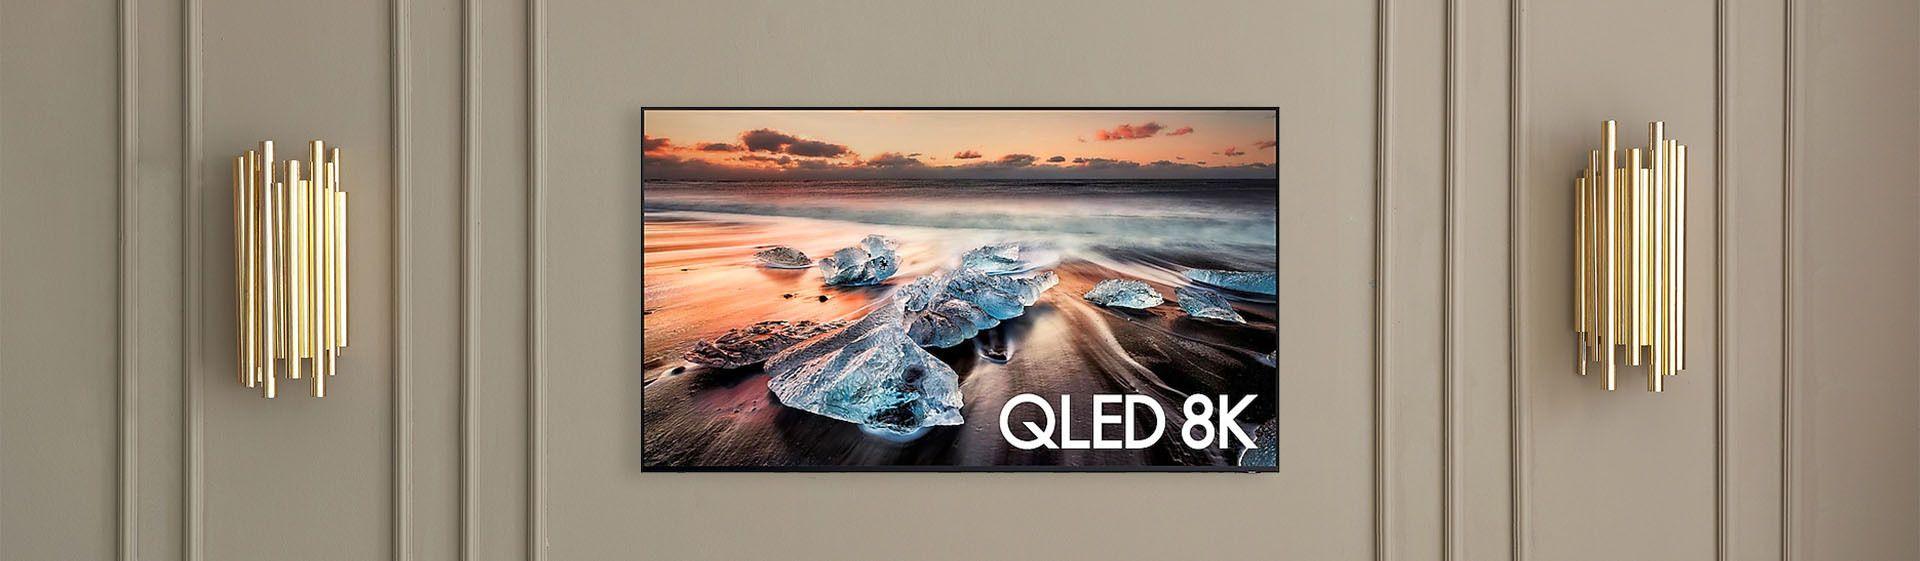 Novas TVs QLED da Samsung terão HDR que se adapta à luz